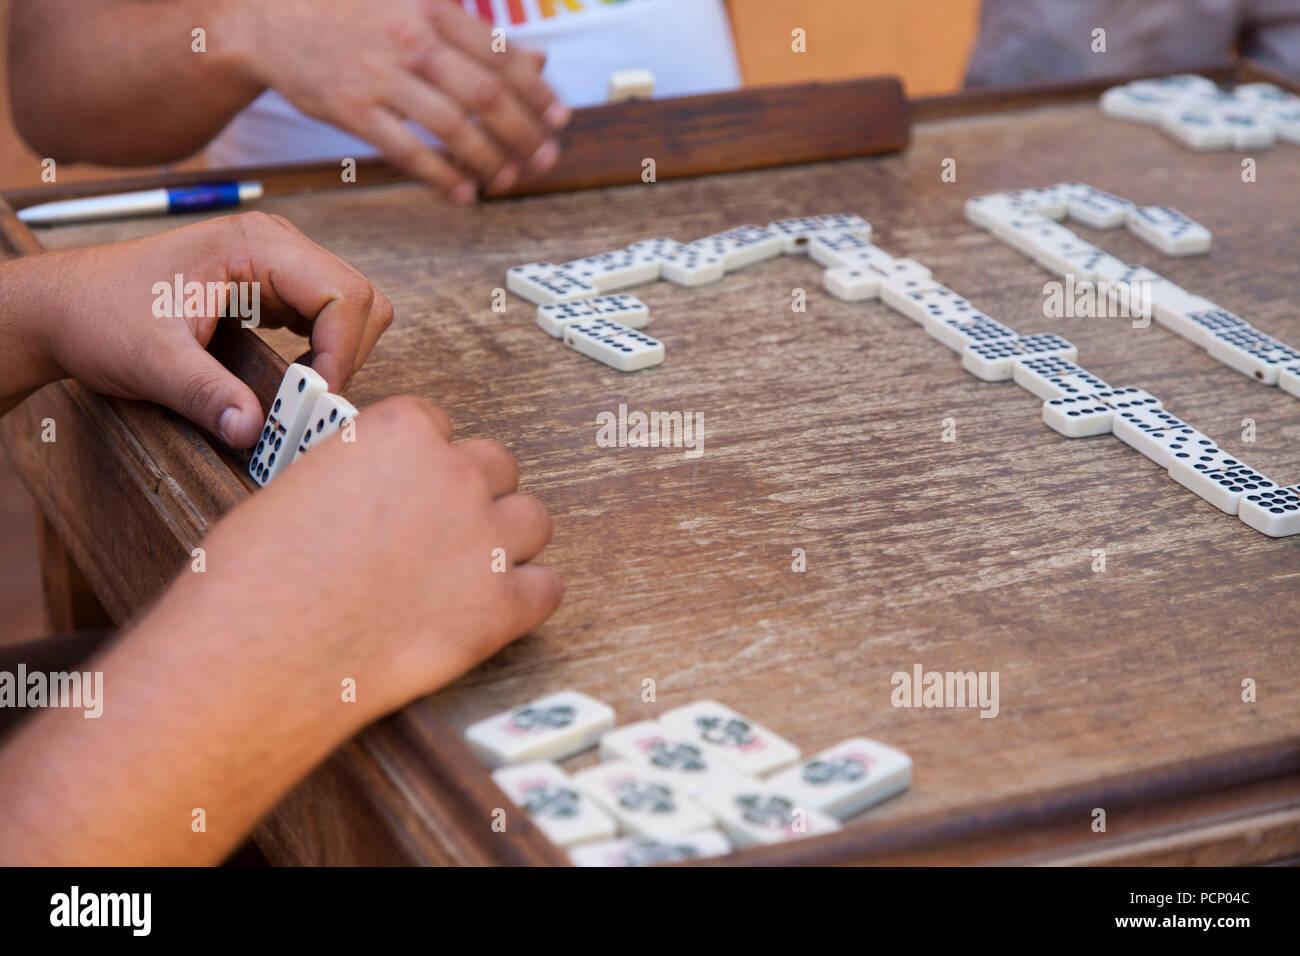 Caraibi cuba trinidad domino piastrelle sul tavolo da gioco